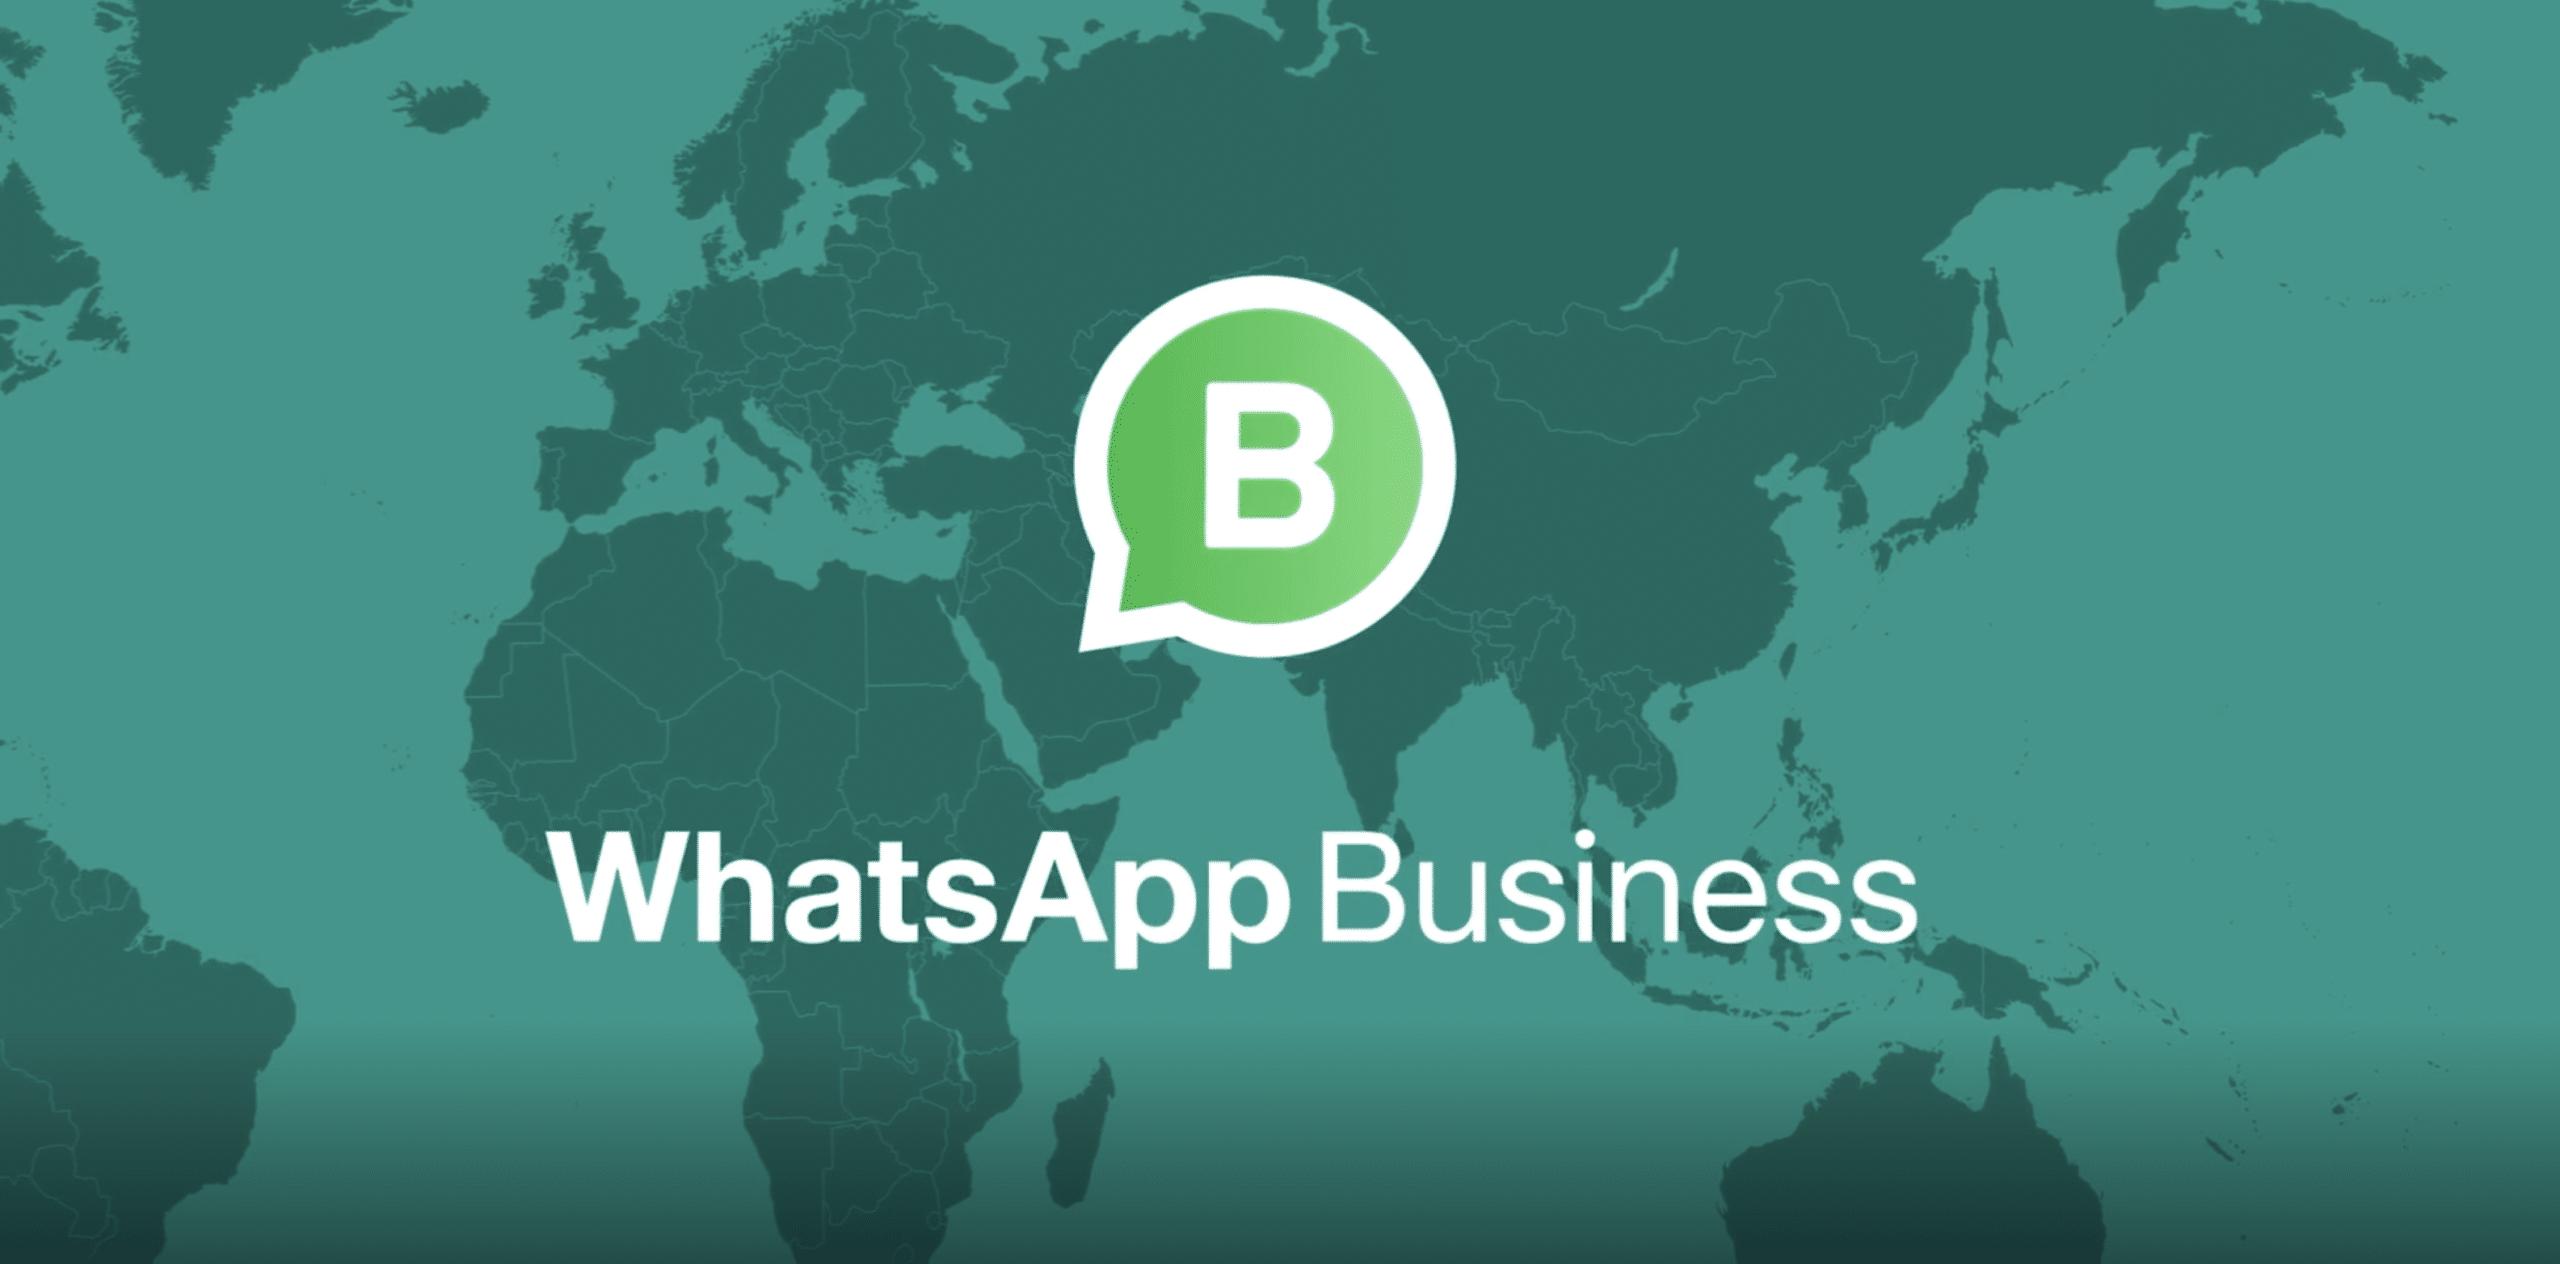 2021 | حقق أكبر ربح من واتساب للاعمال WhatsApp Business